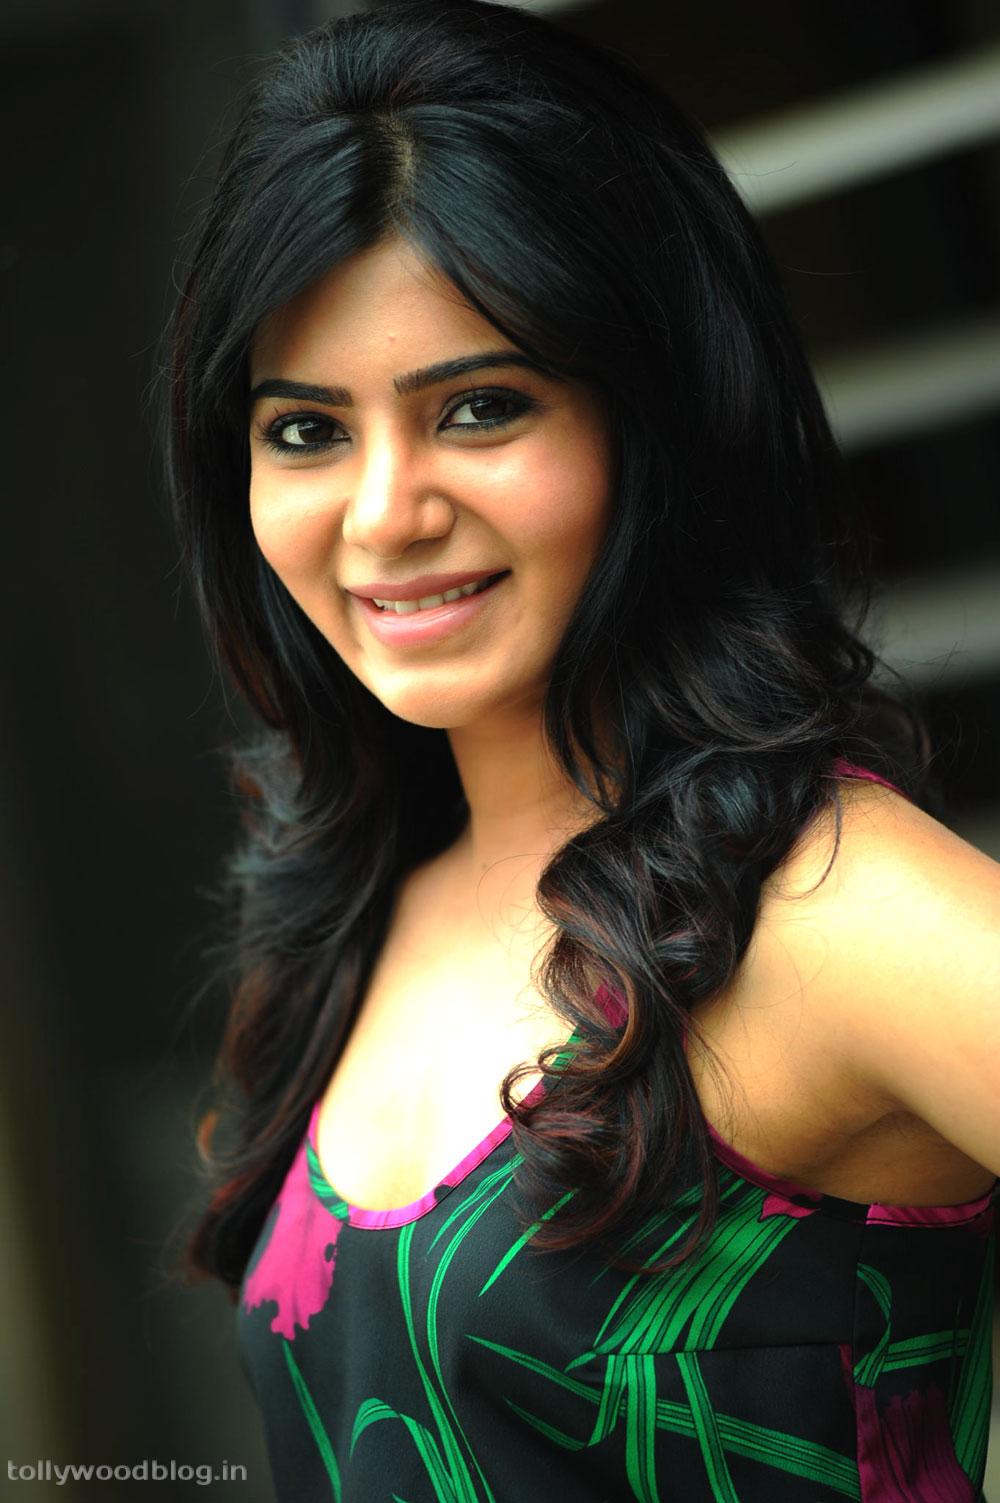 Samantha Ruth Prabhu Kiss